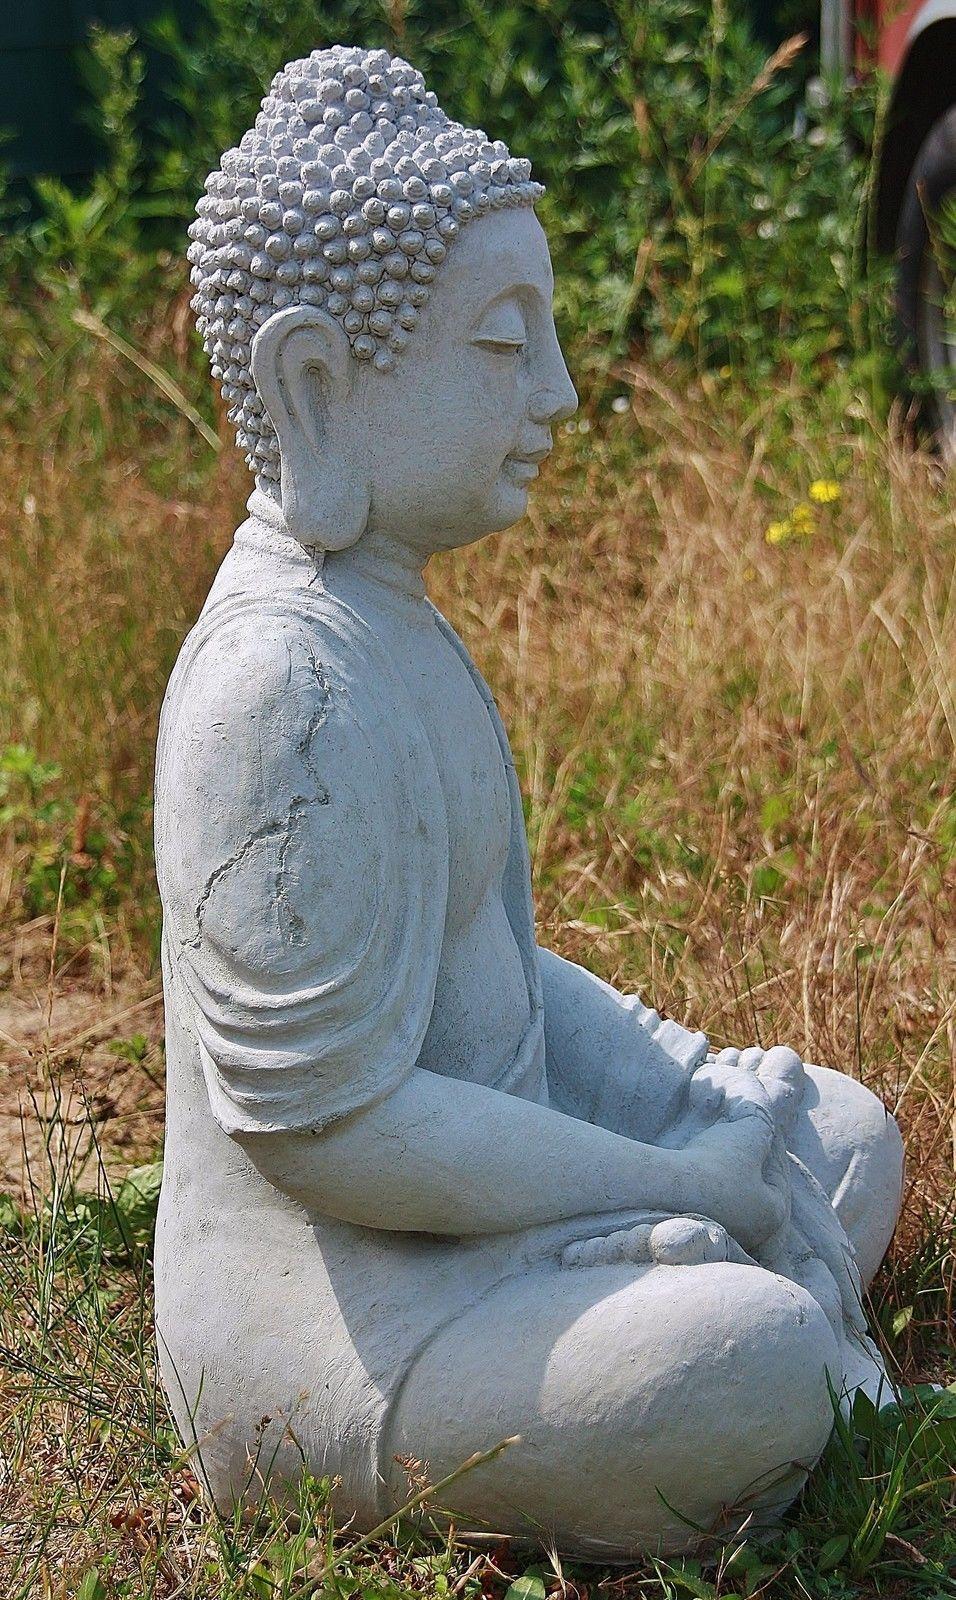 antik buddha gro h 65 cm aus steinguss dekoration frostfest neu f r garten 4014 eur 96 00. Black Bedroom Furniture Sets. Home Design Ideas